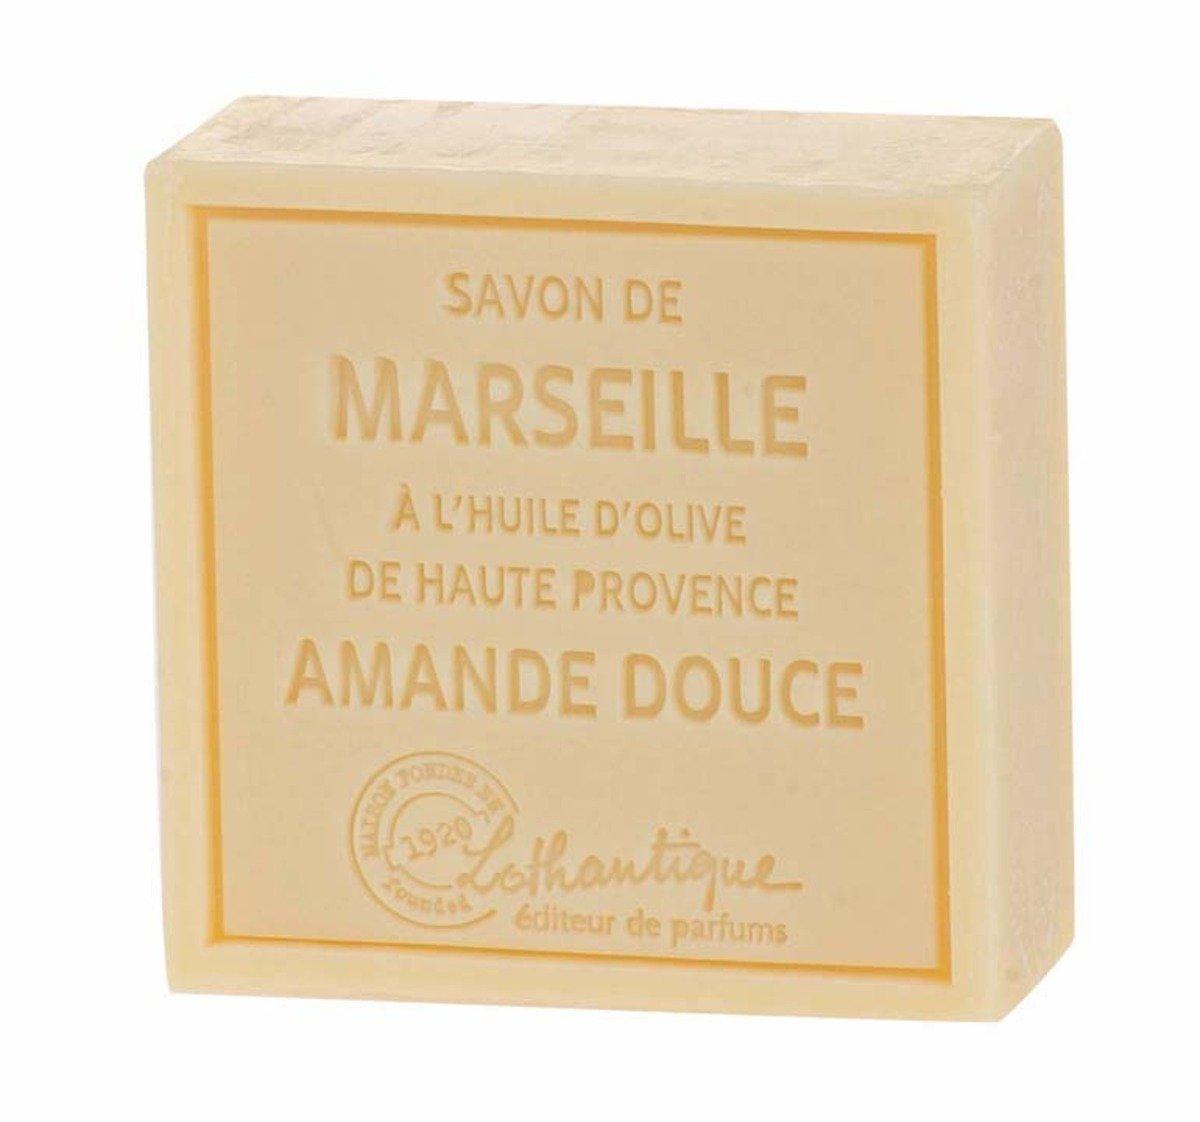 法國馬賽肥皂 - 甜杏仁